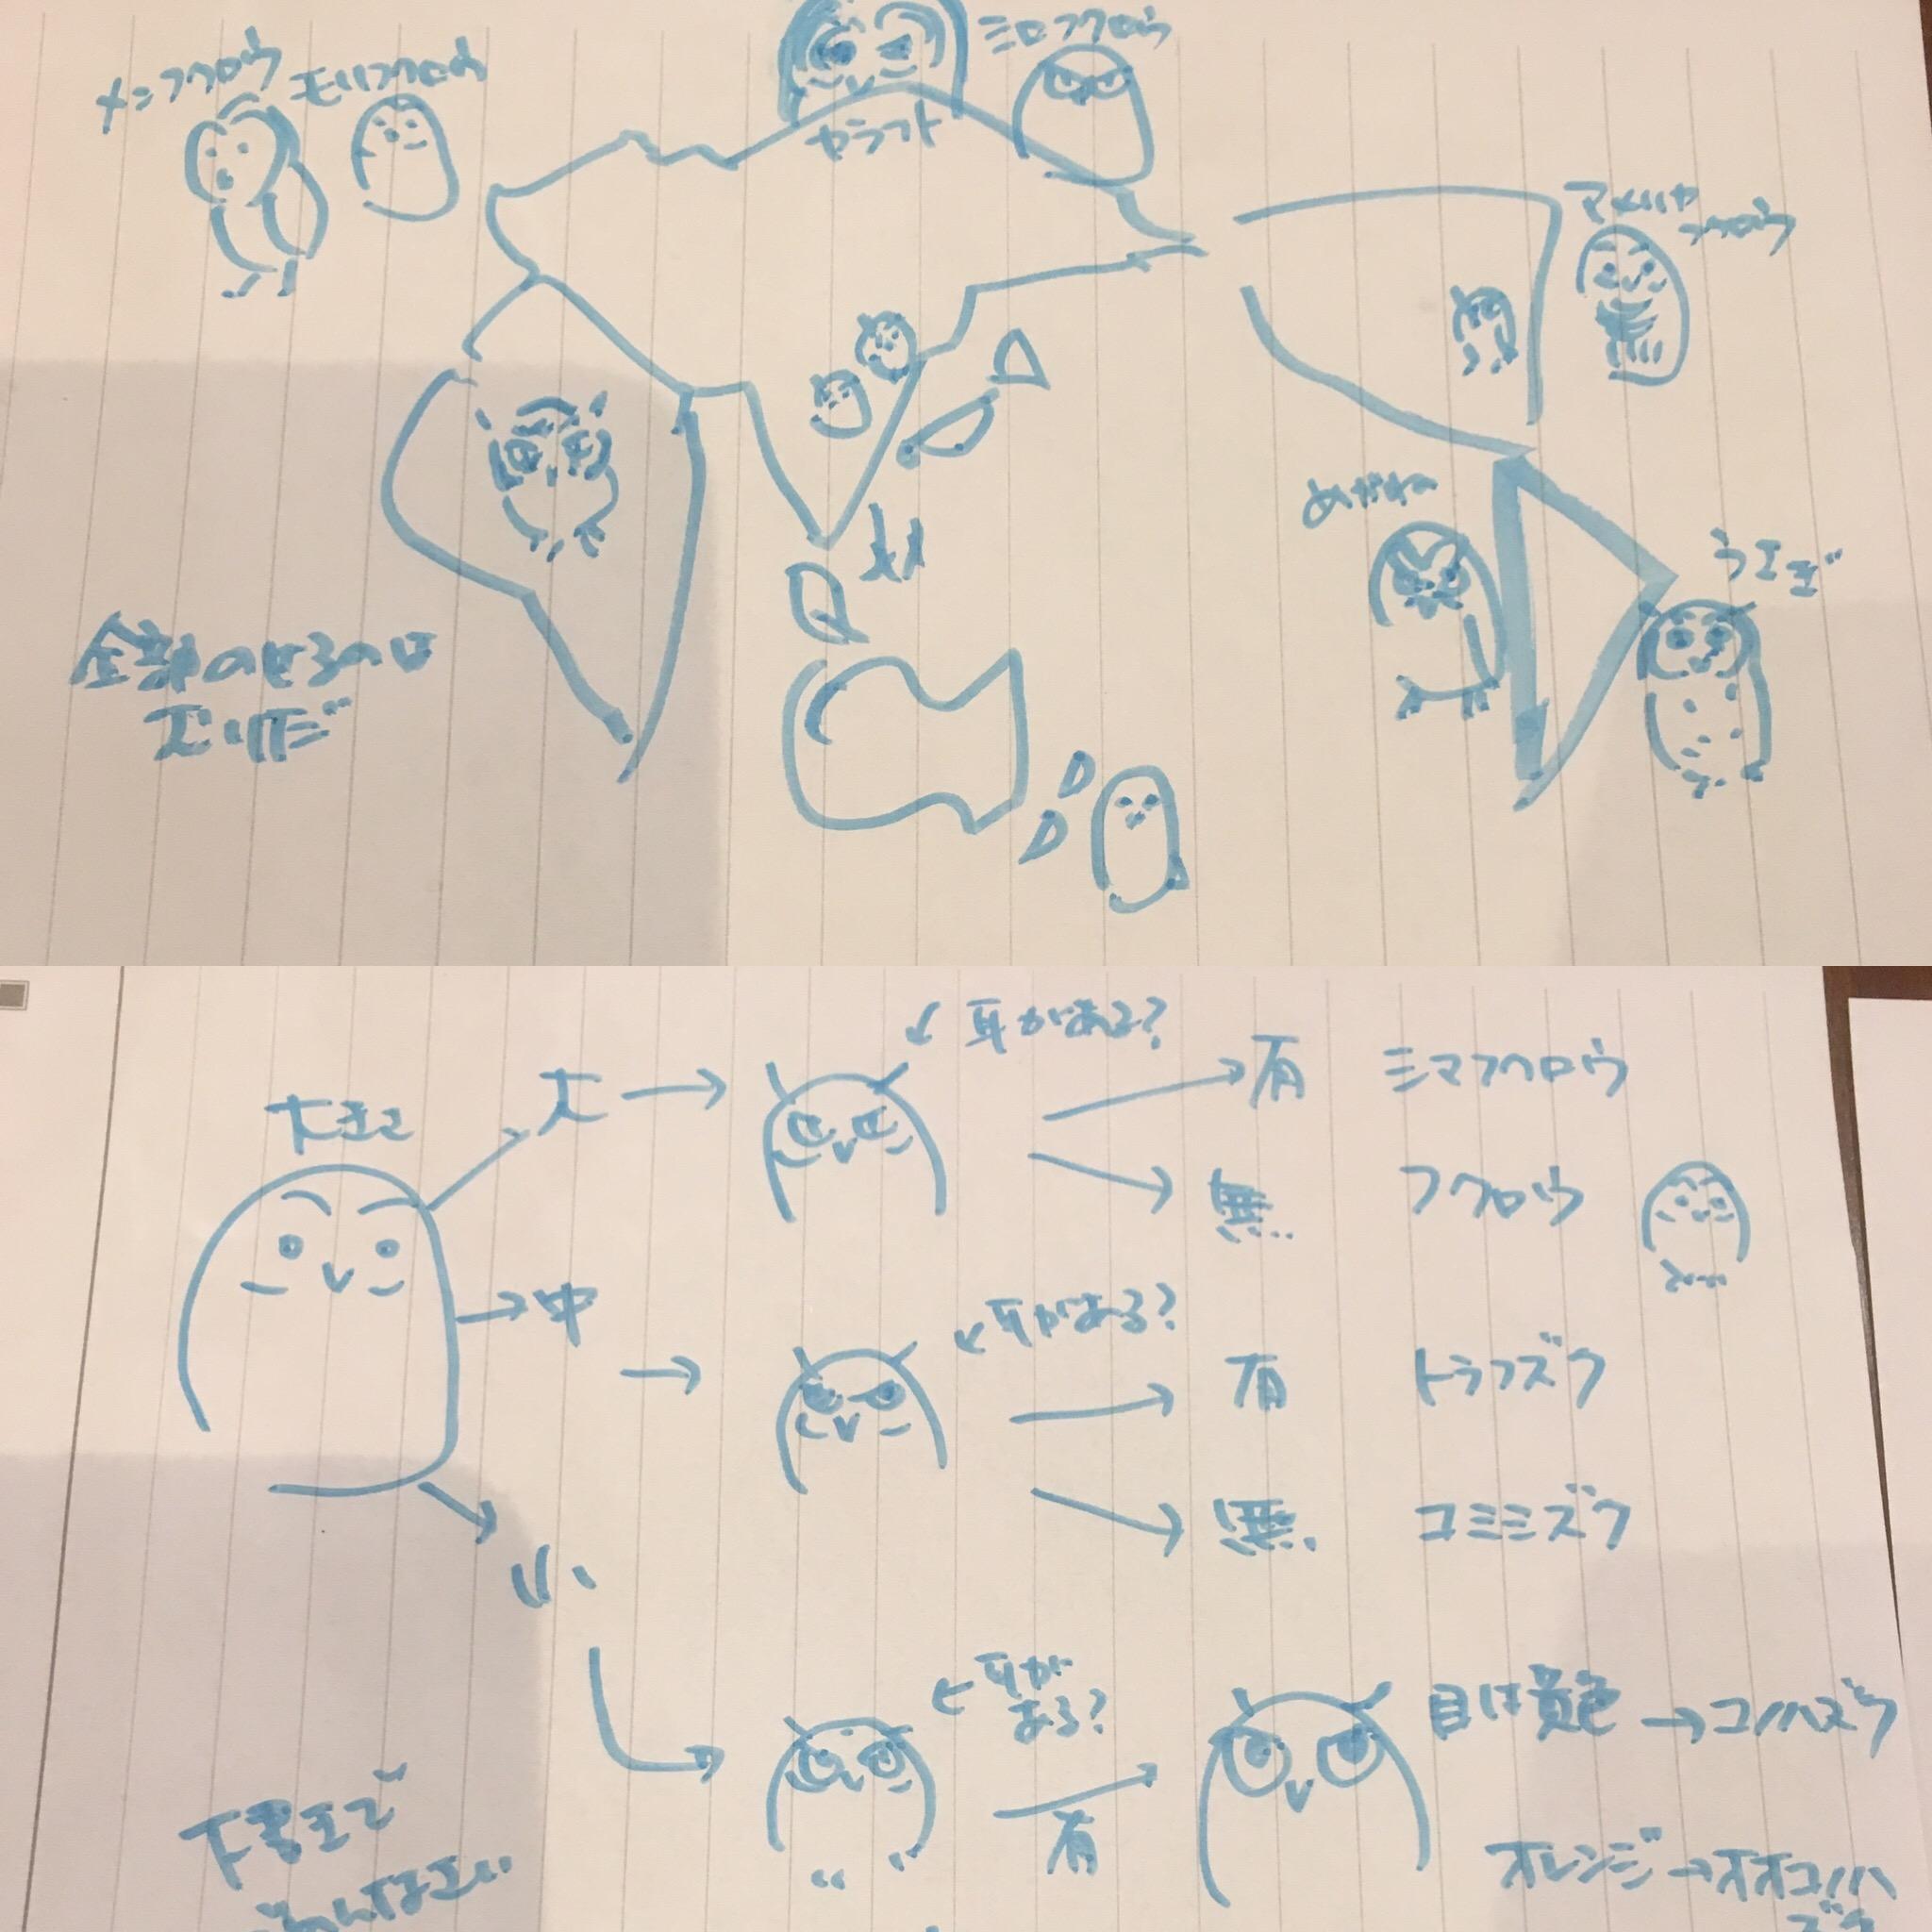 2016ガクタメ_工房もりふくろう_01